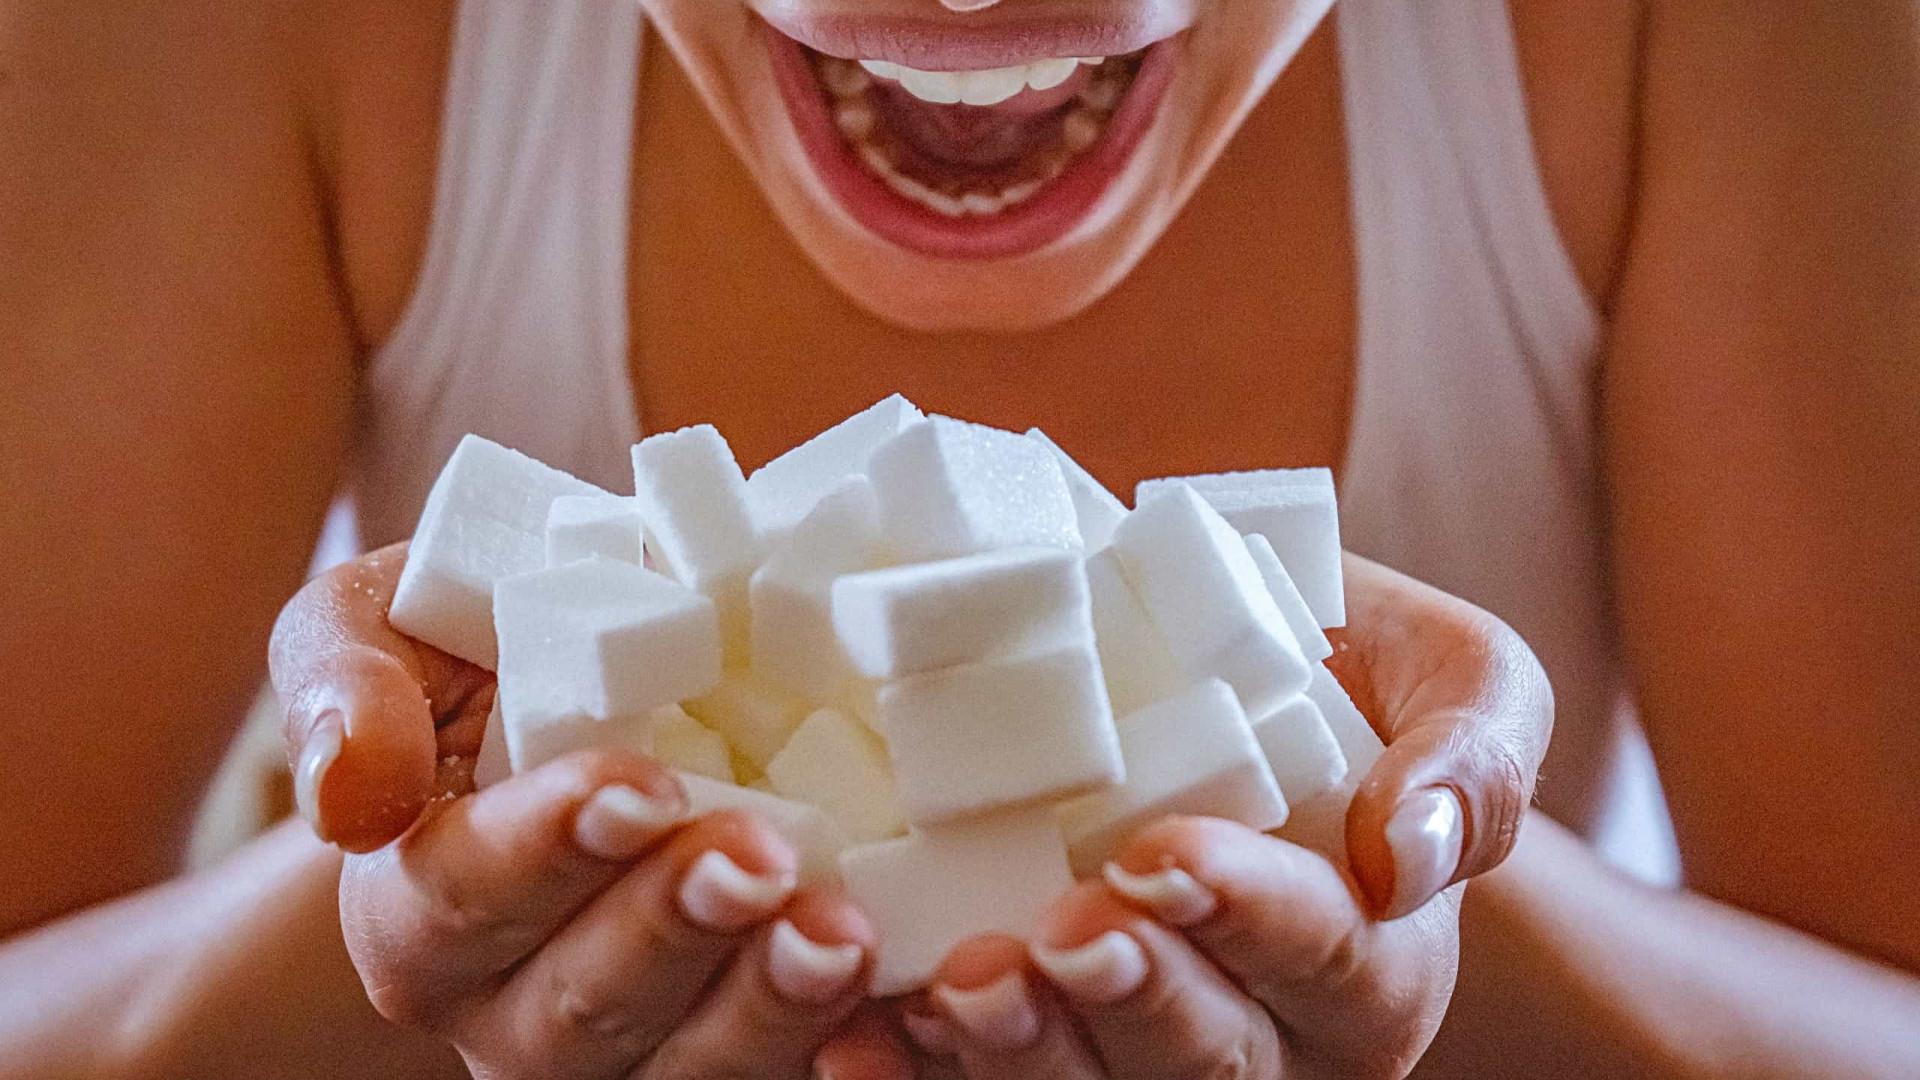 Cinco sinais sutis que podem indicar diabetes